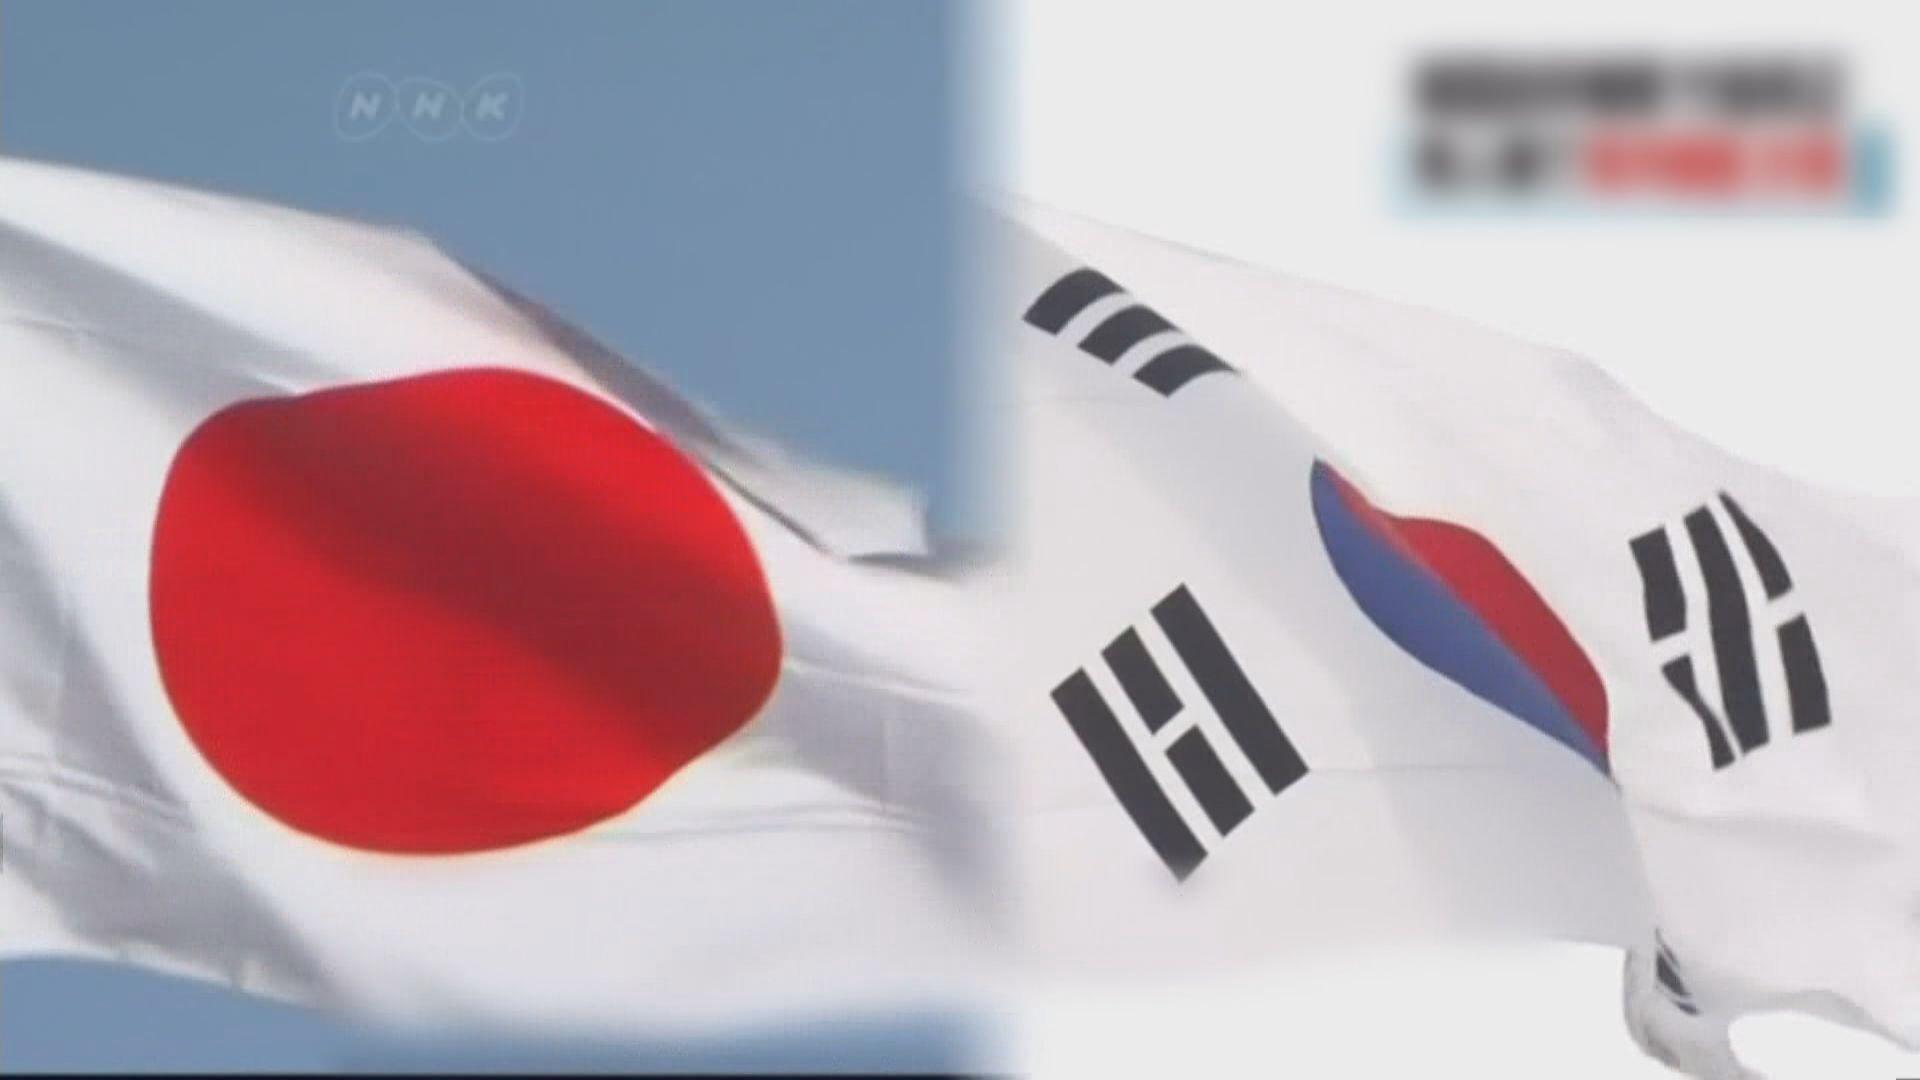 南韓將日本從出口白名單中移除 日本表遺憾